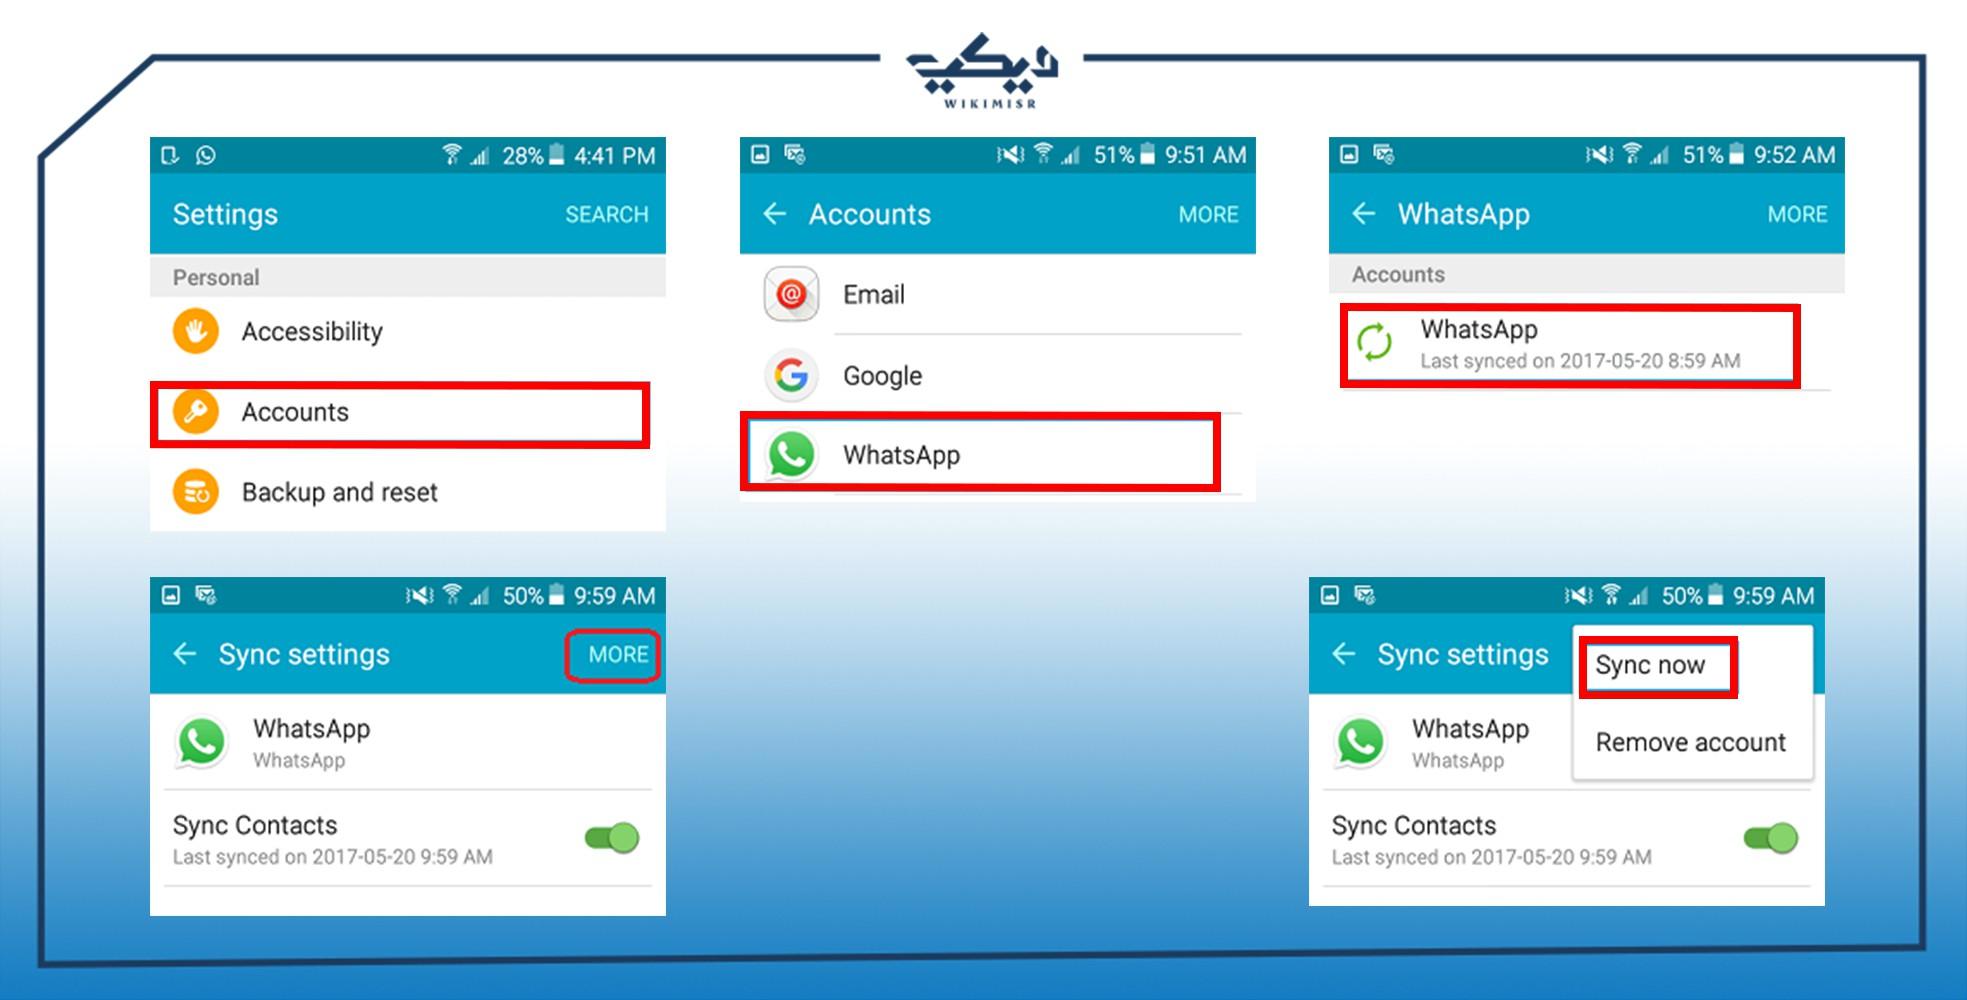 إعادة مزامنة جهات الاتصال في واتساب